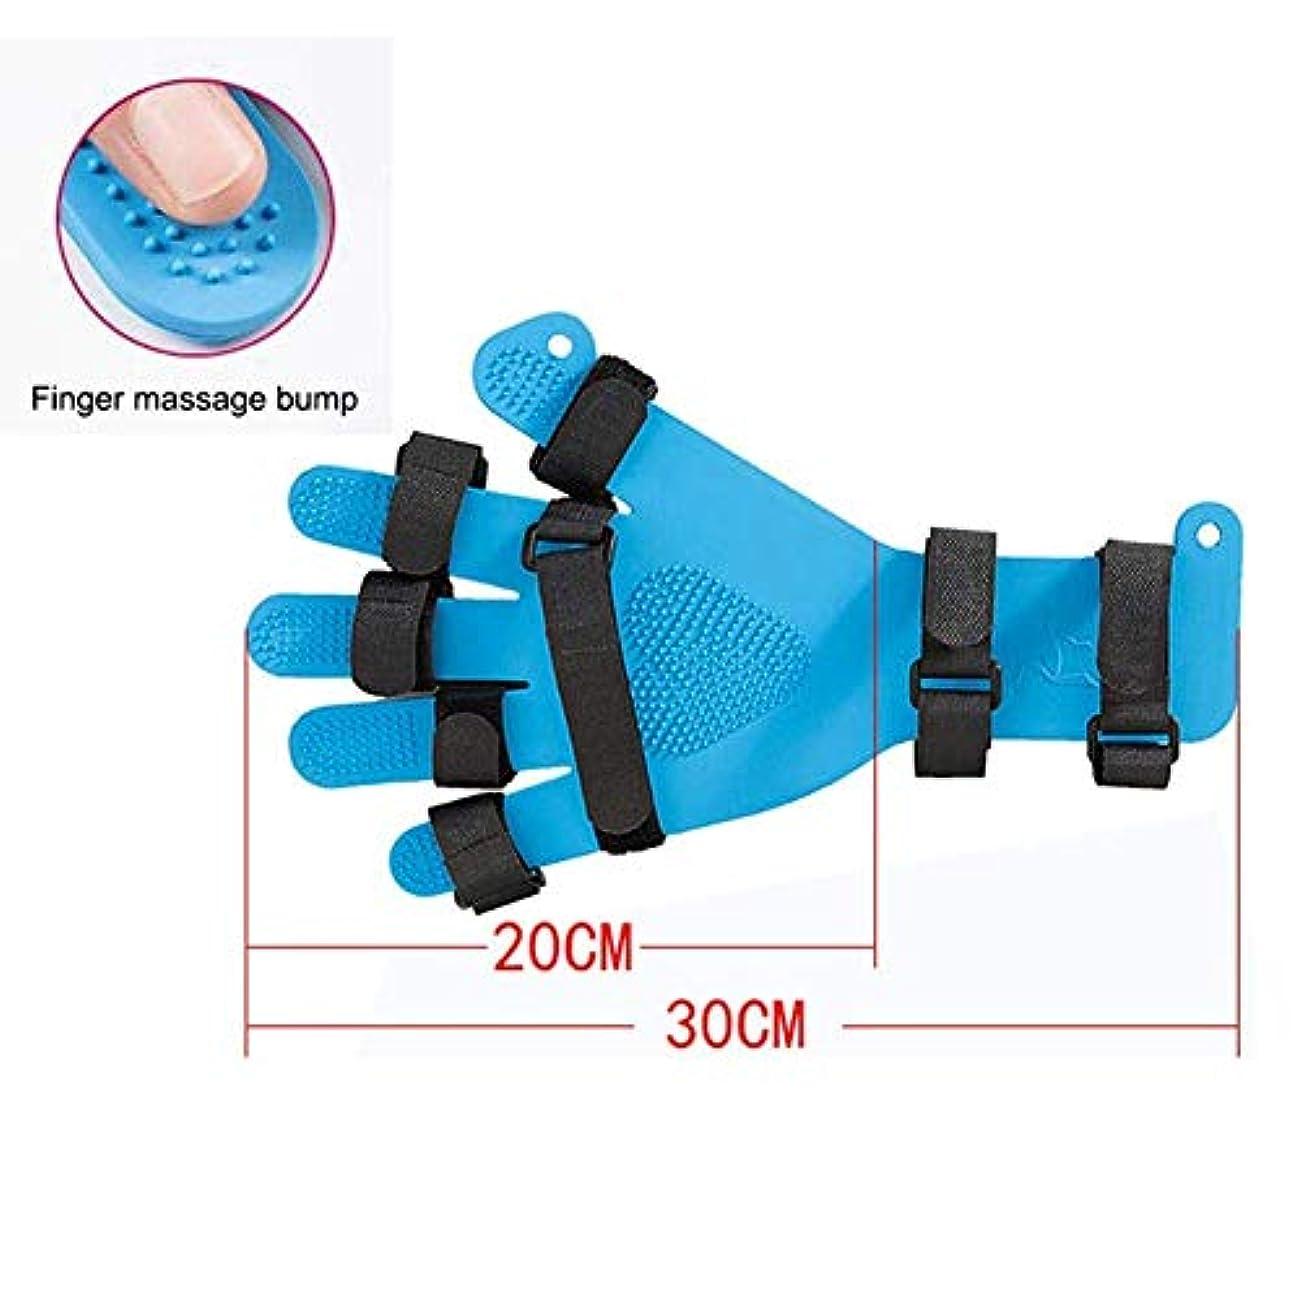 塗抹呪いライドフィンガースプリント指指セパレーター、トリガーフィンガースプリント、指インソールは、両手のために指スプリントトレーニングサポートポイント